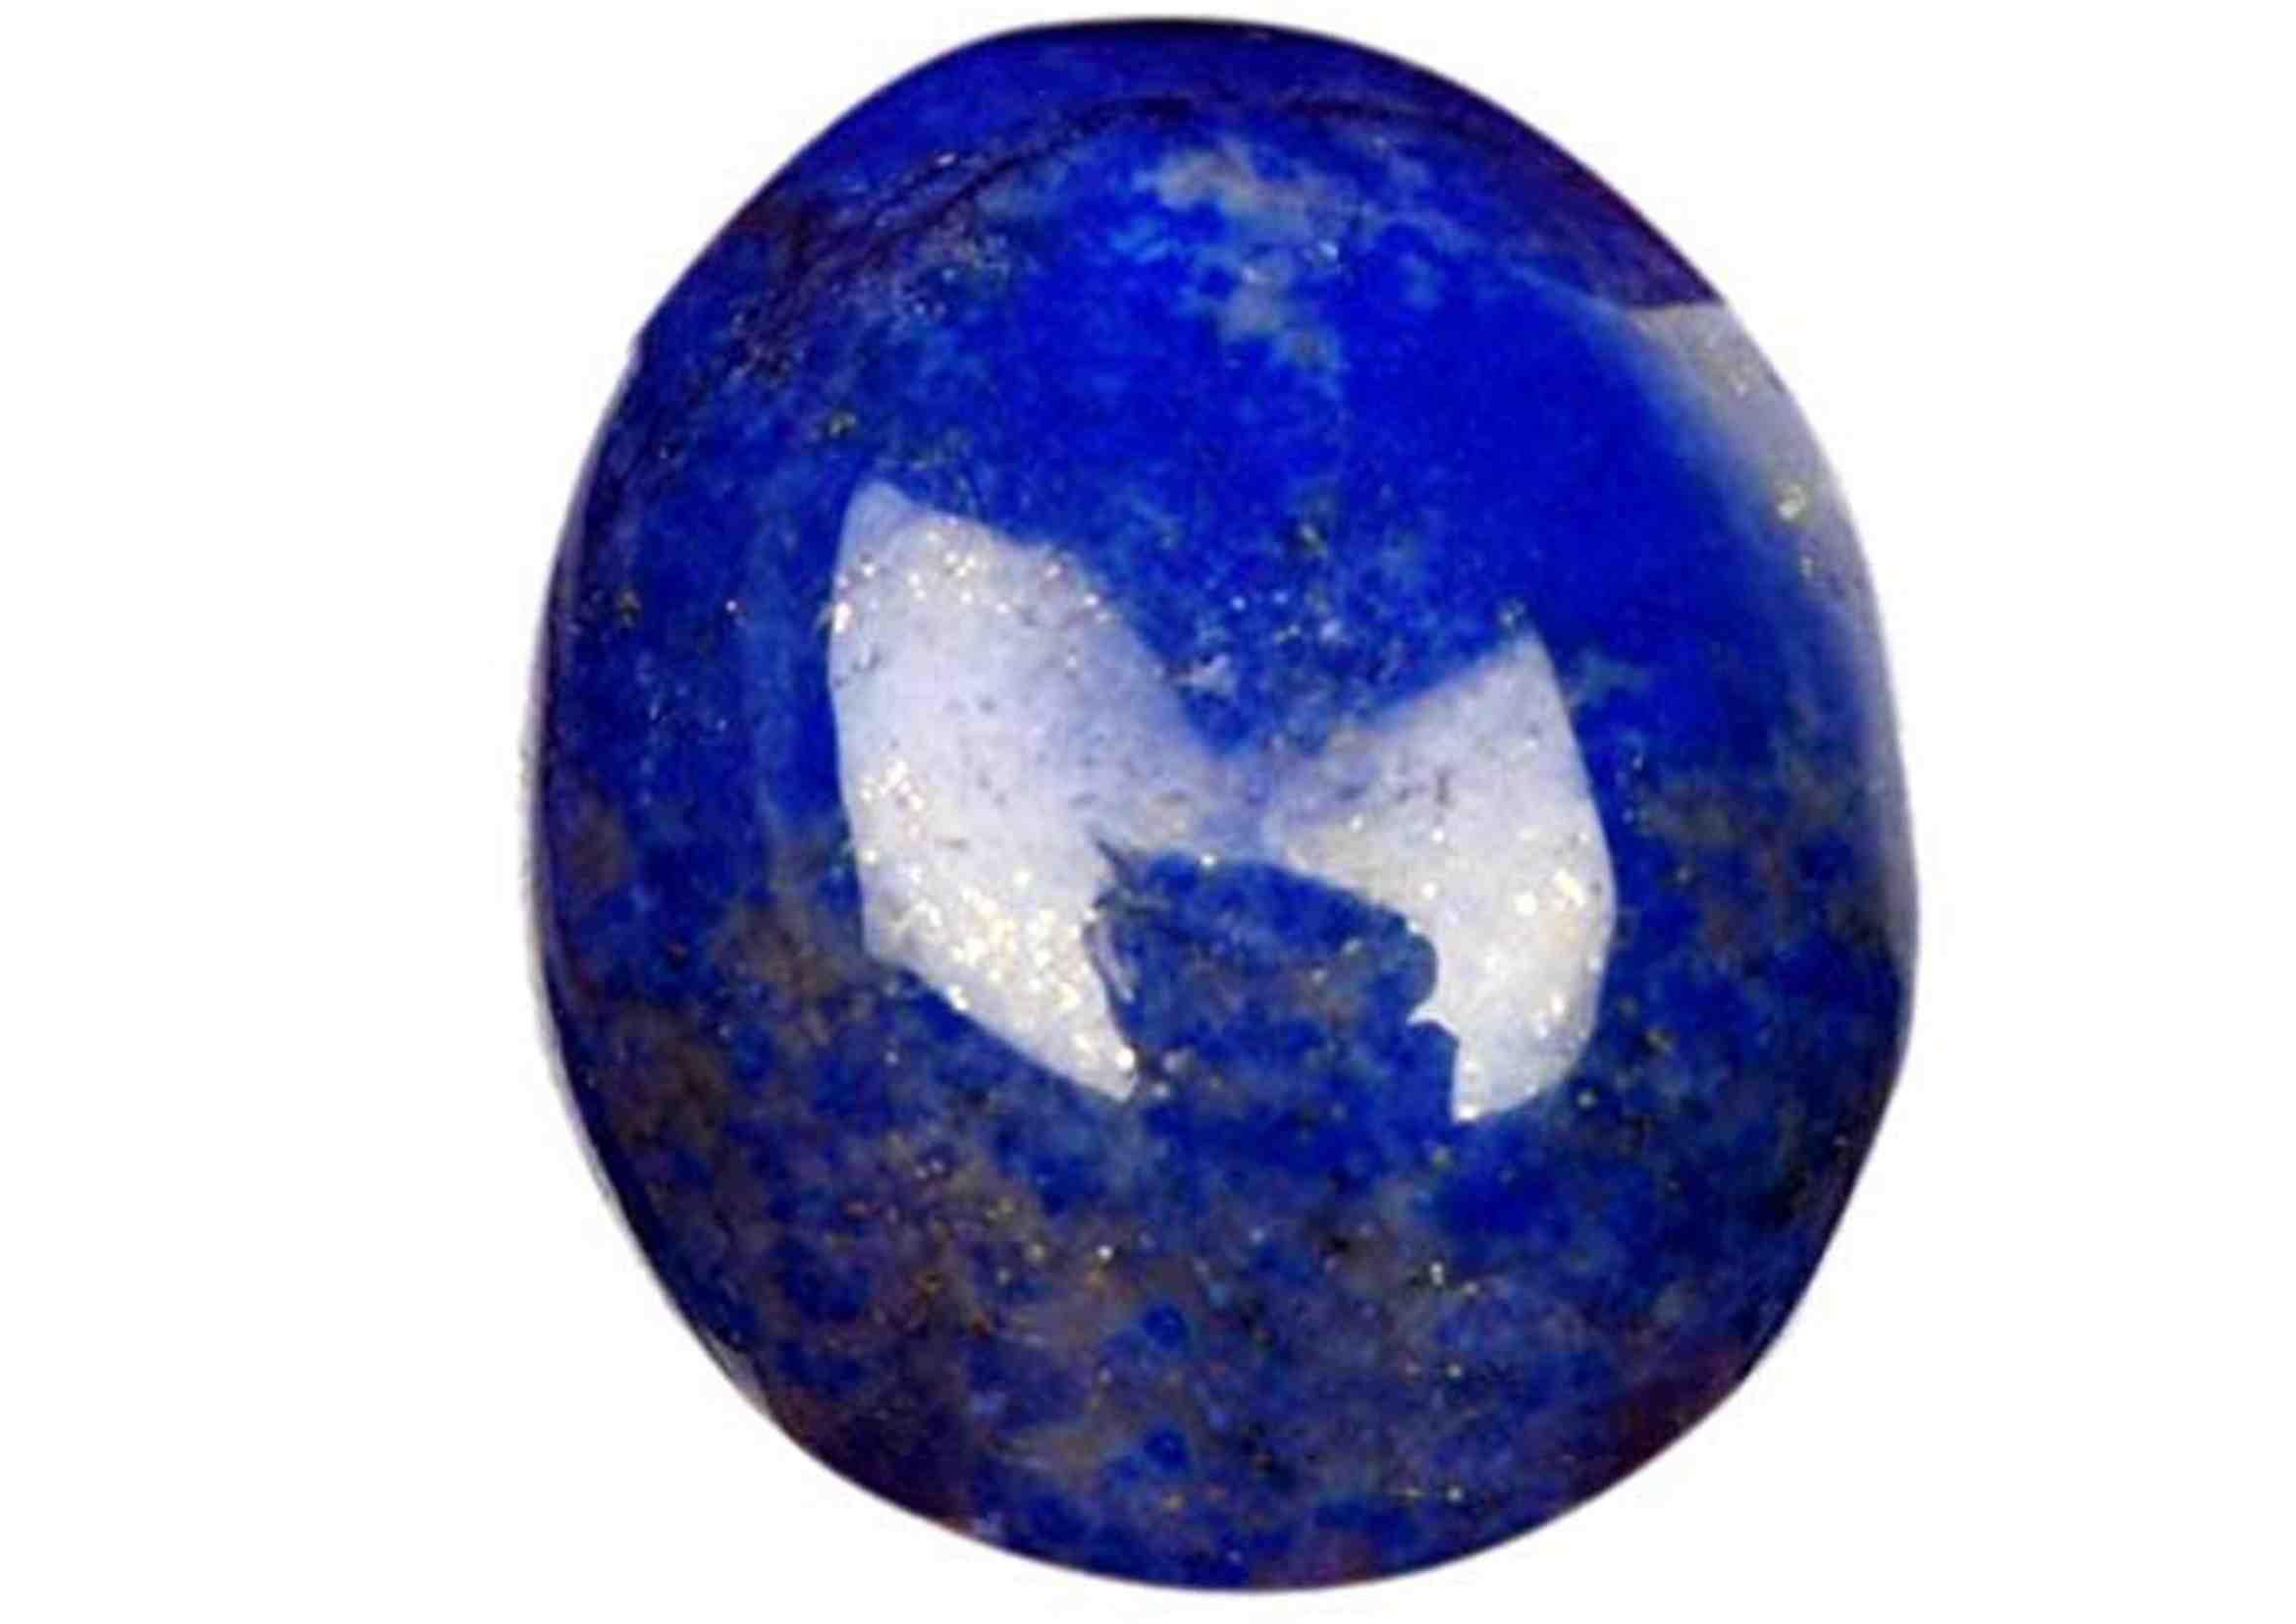 huevo de lapislázuli